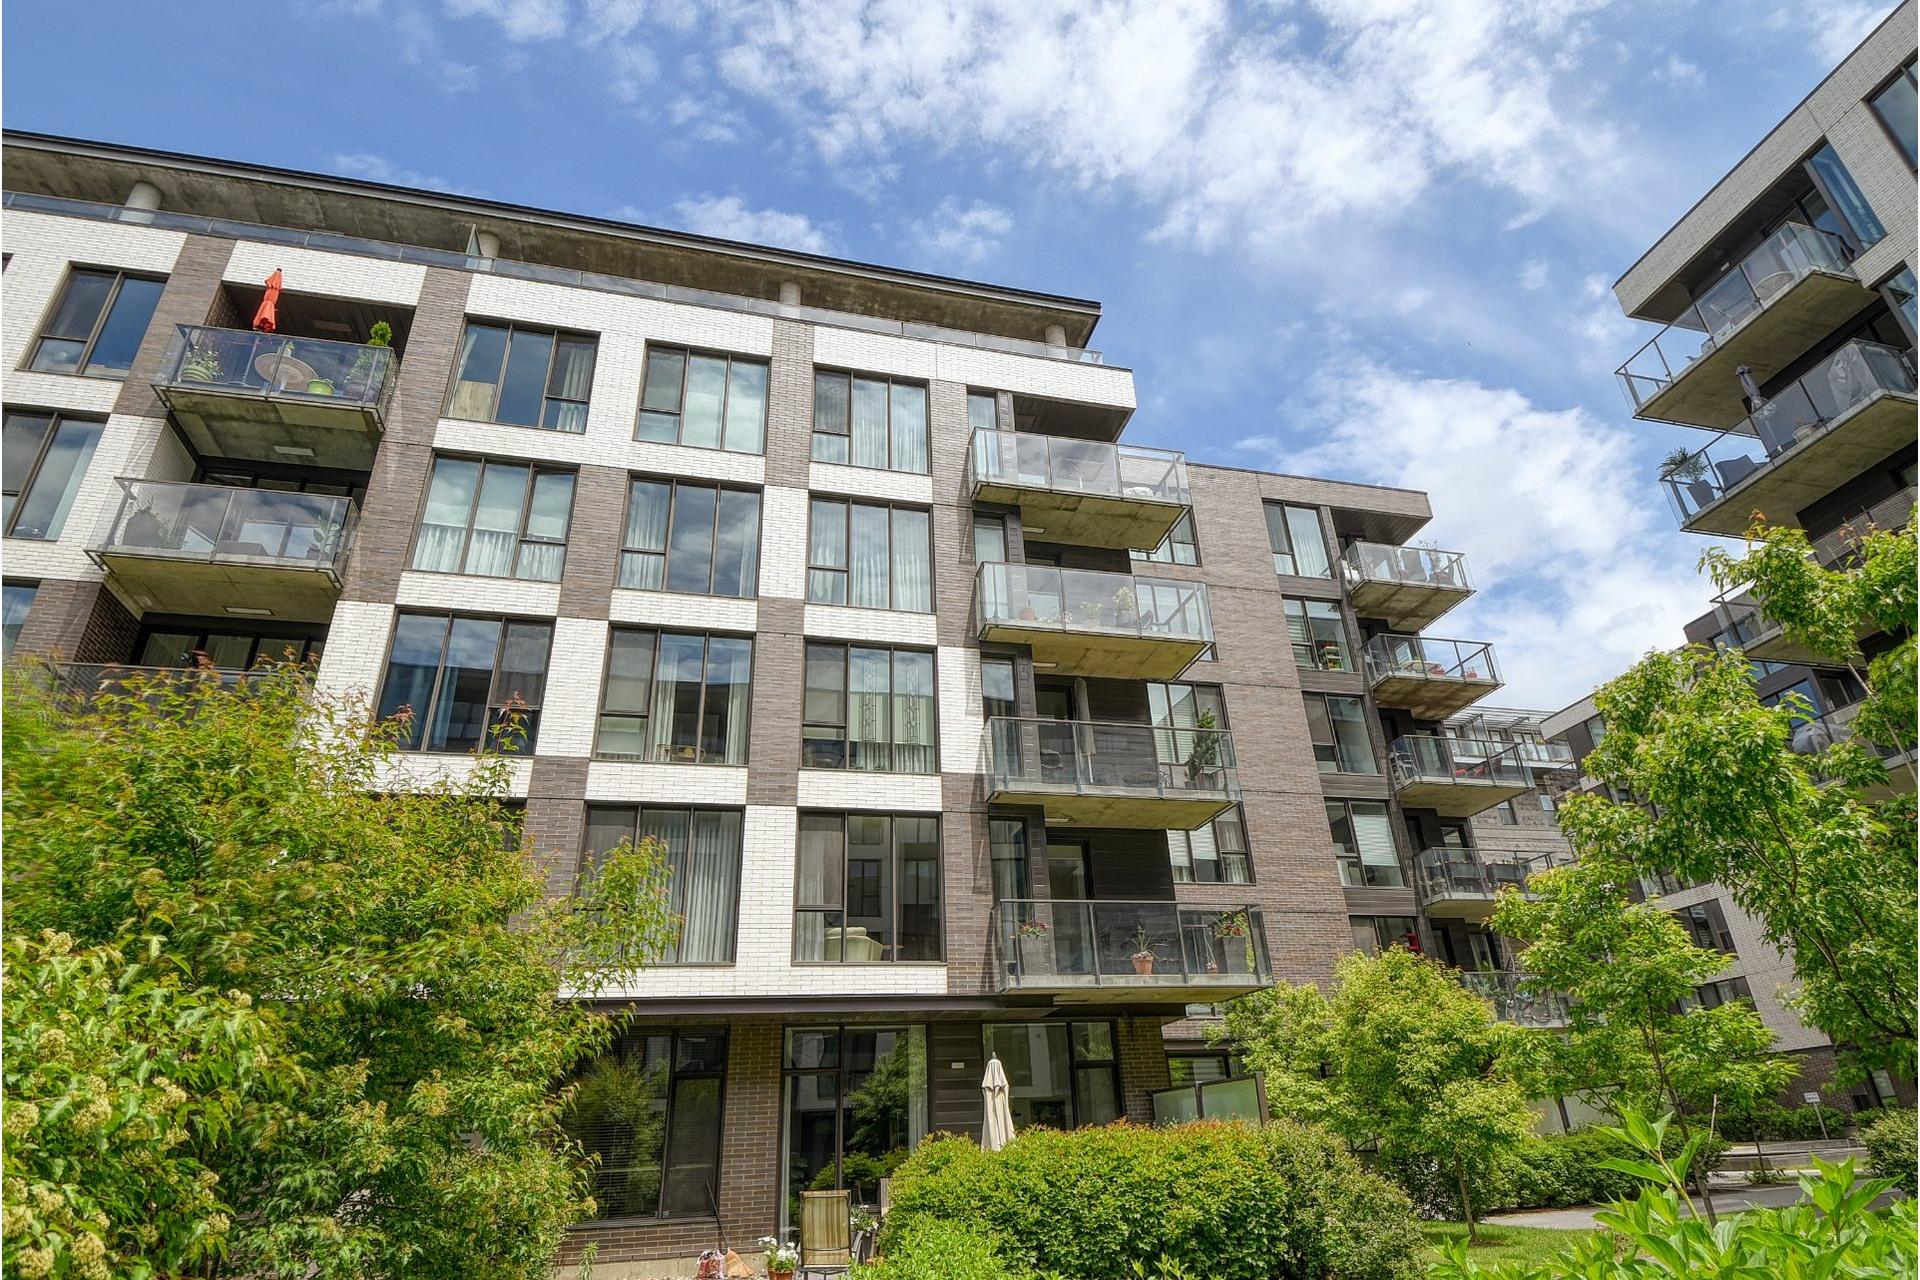 image 24 - Appartement À vendre Villeray/Saint-Michel/Parc-Extension Montréal  - 5 pièces